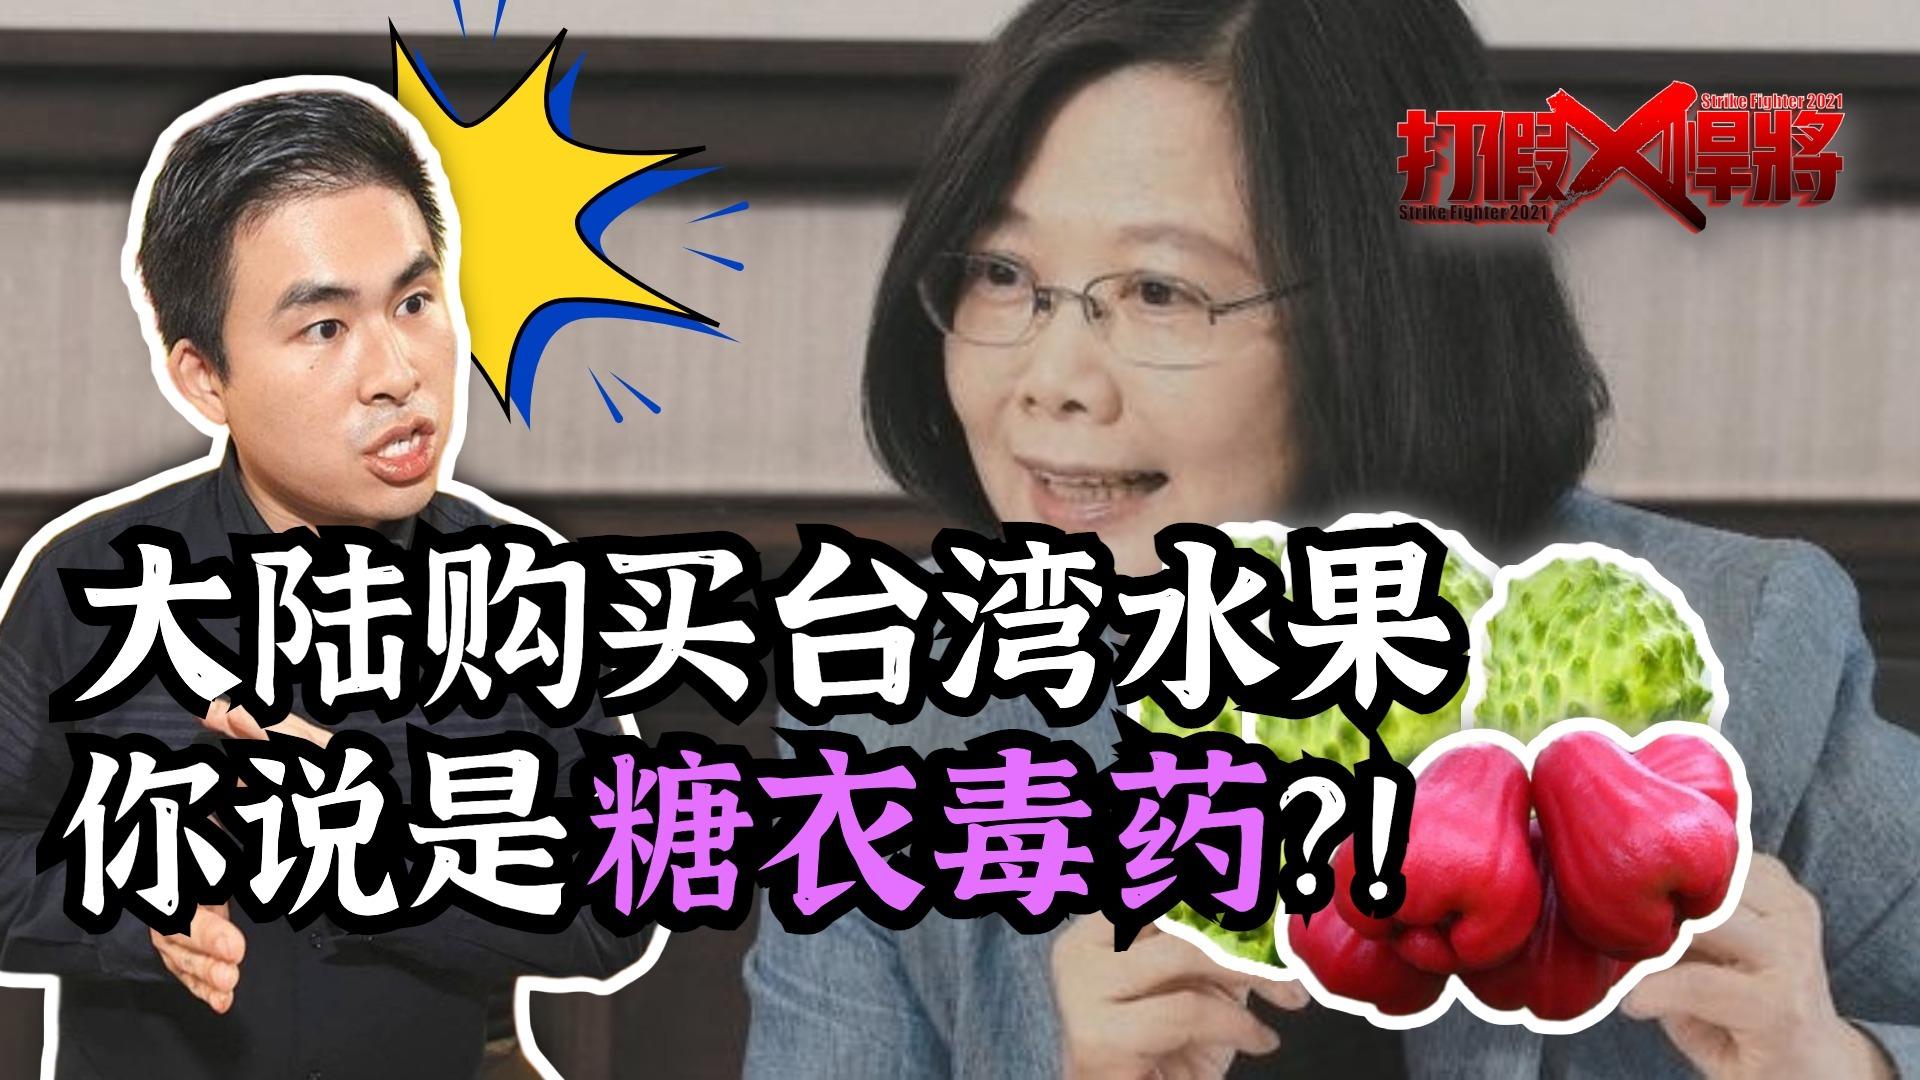 全是次品!台湾给大陆的水果低欧洲日本一等?丨知之有时